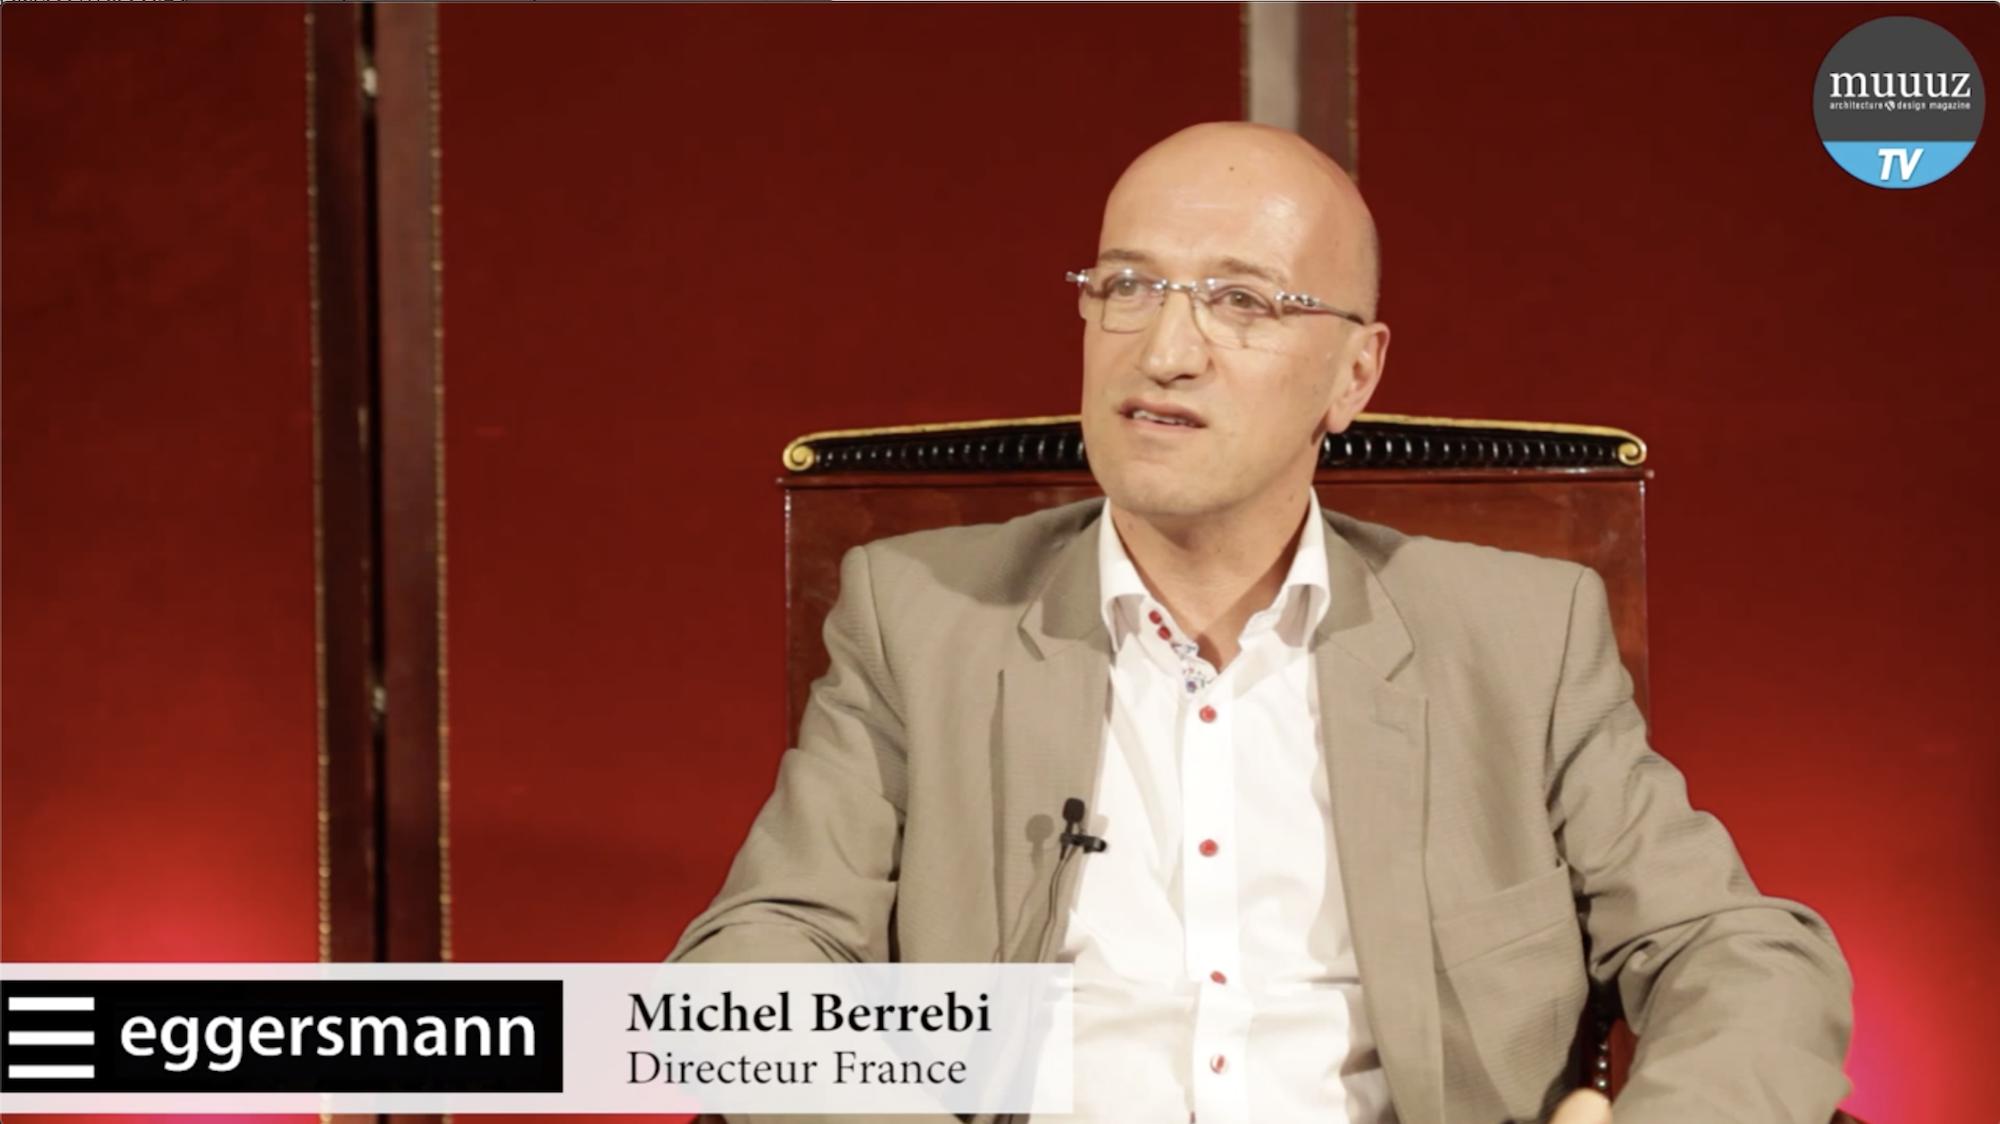 Michel BERREBI - eggersmann Miaw 2015